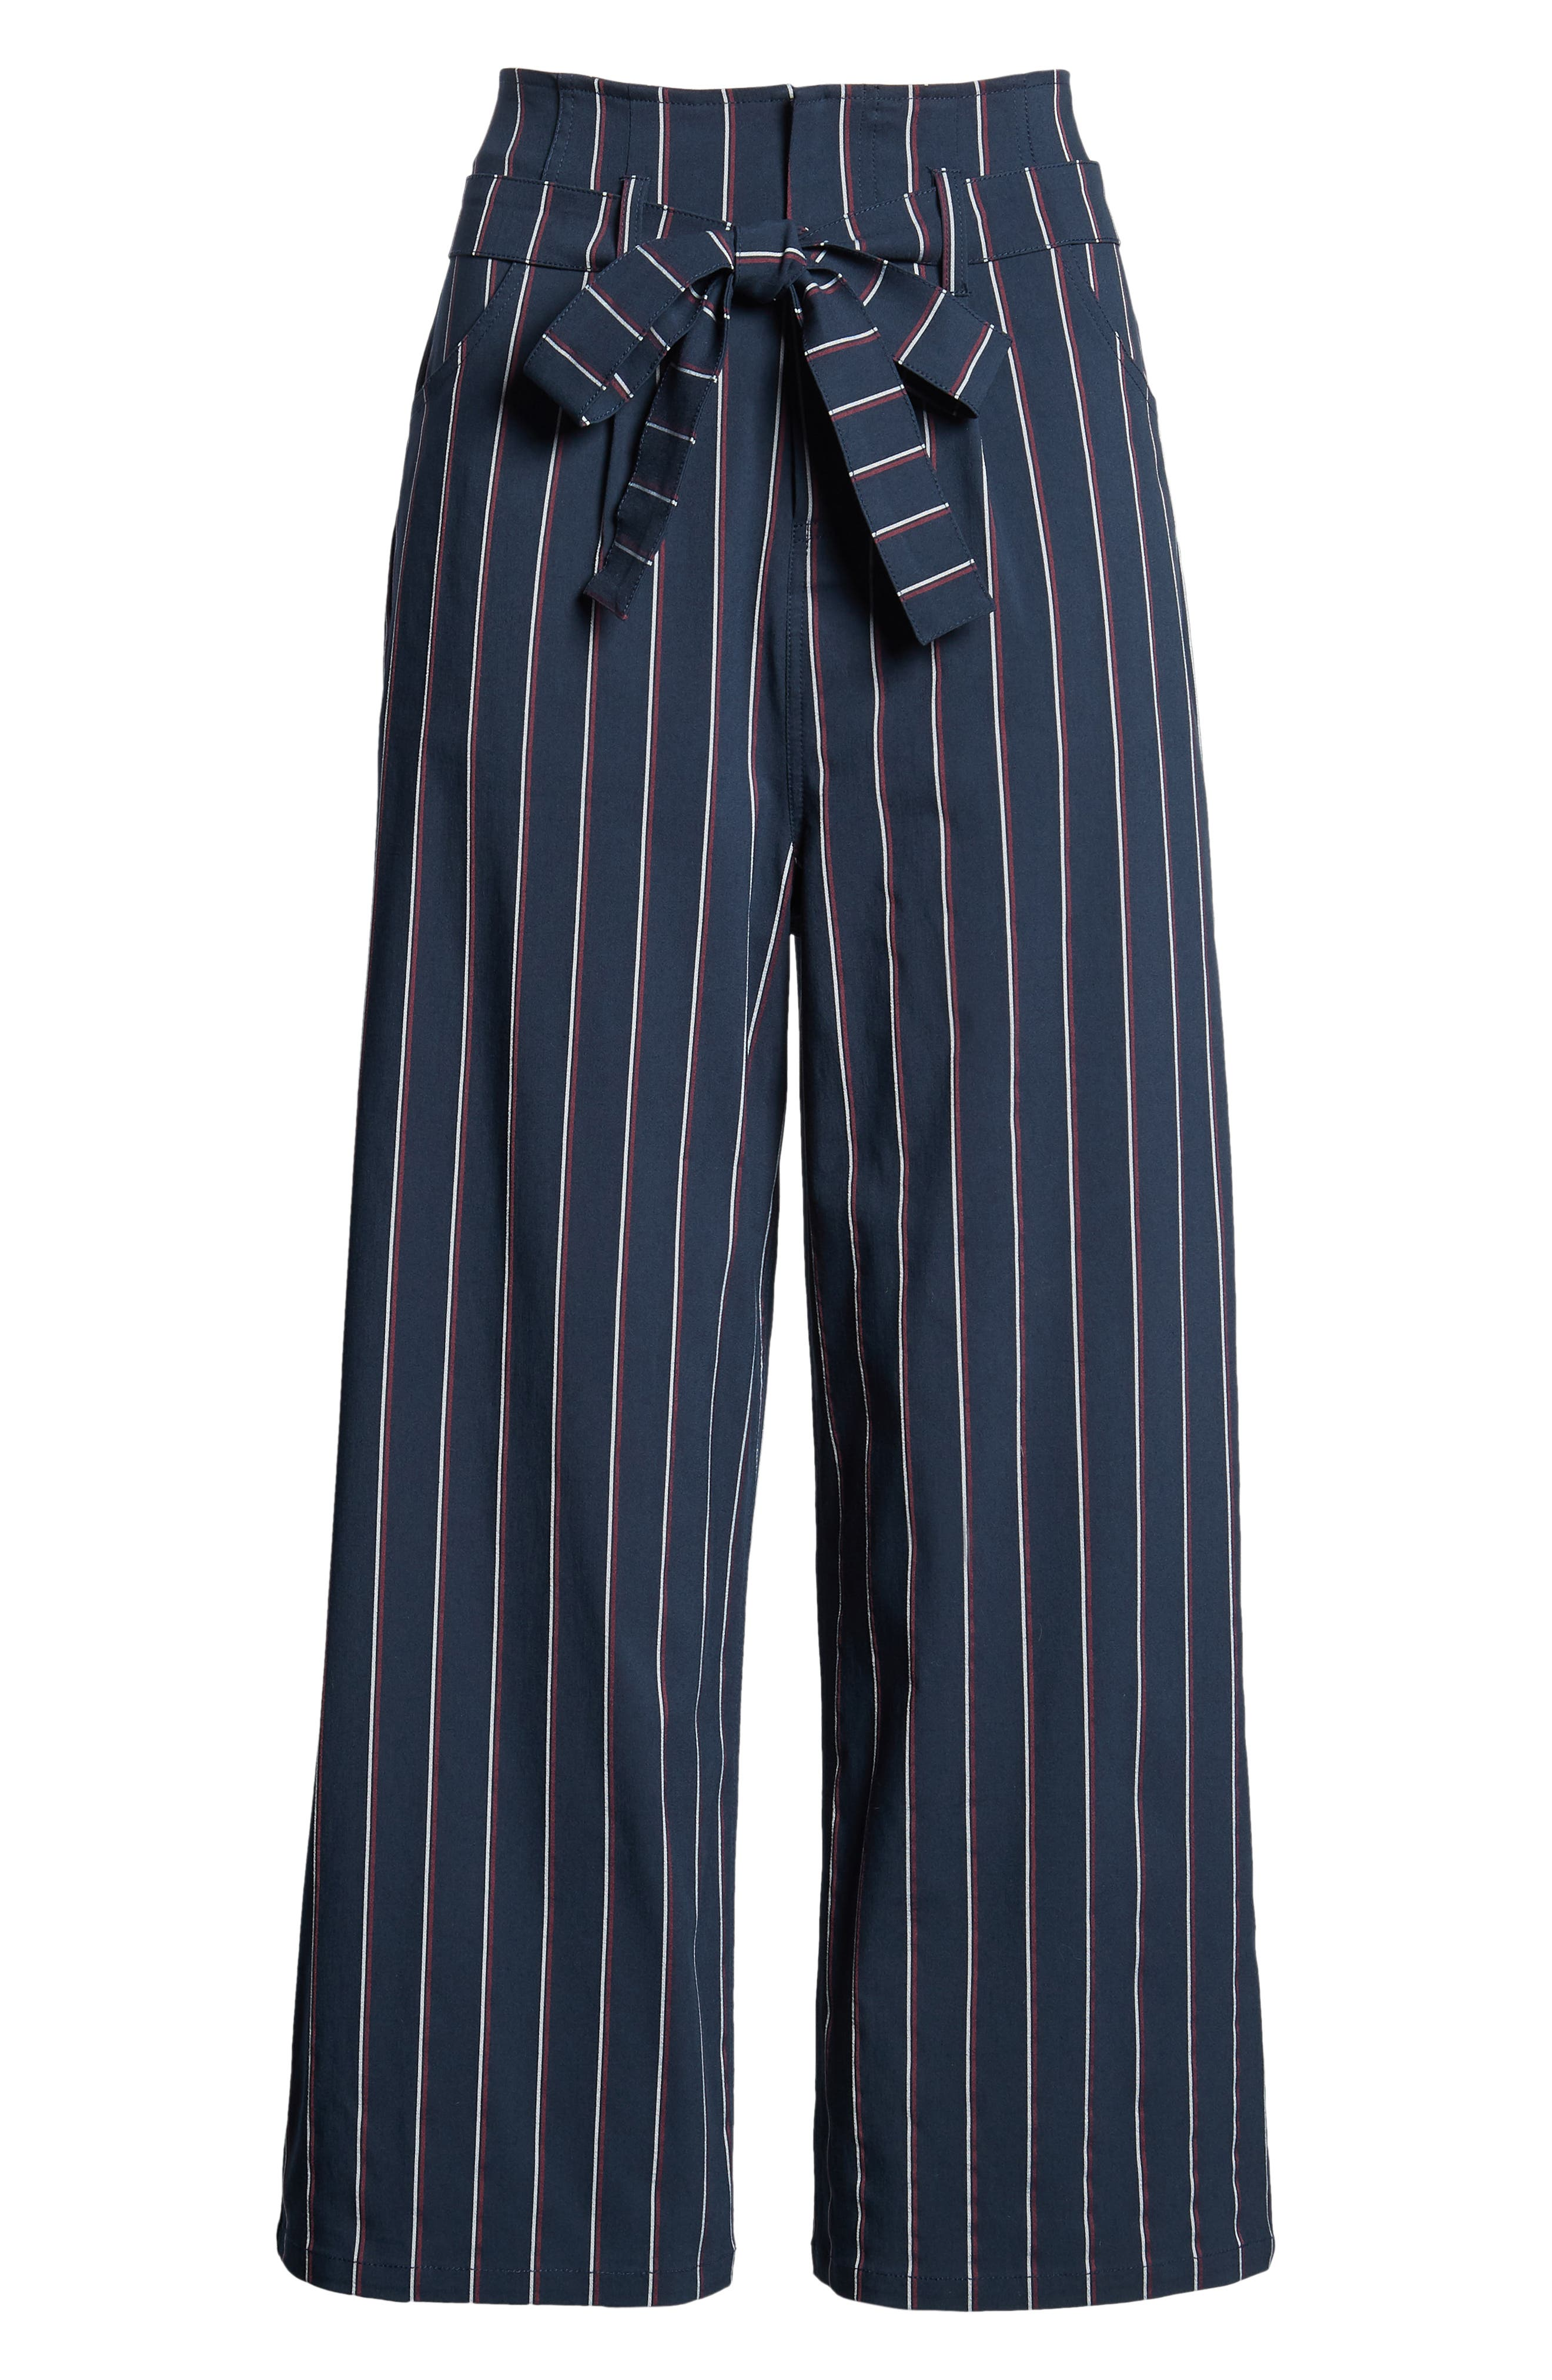 Tie Waist Crop Trousers,                             Alternate thumbnail 7, color,                             410